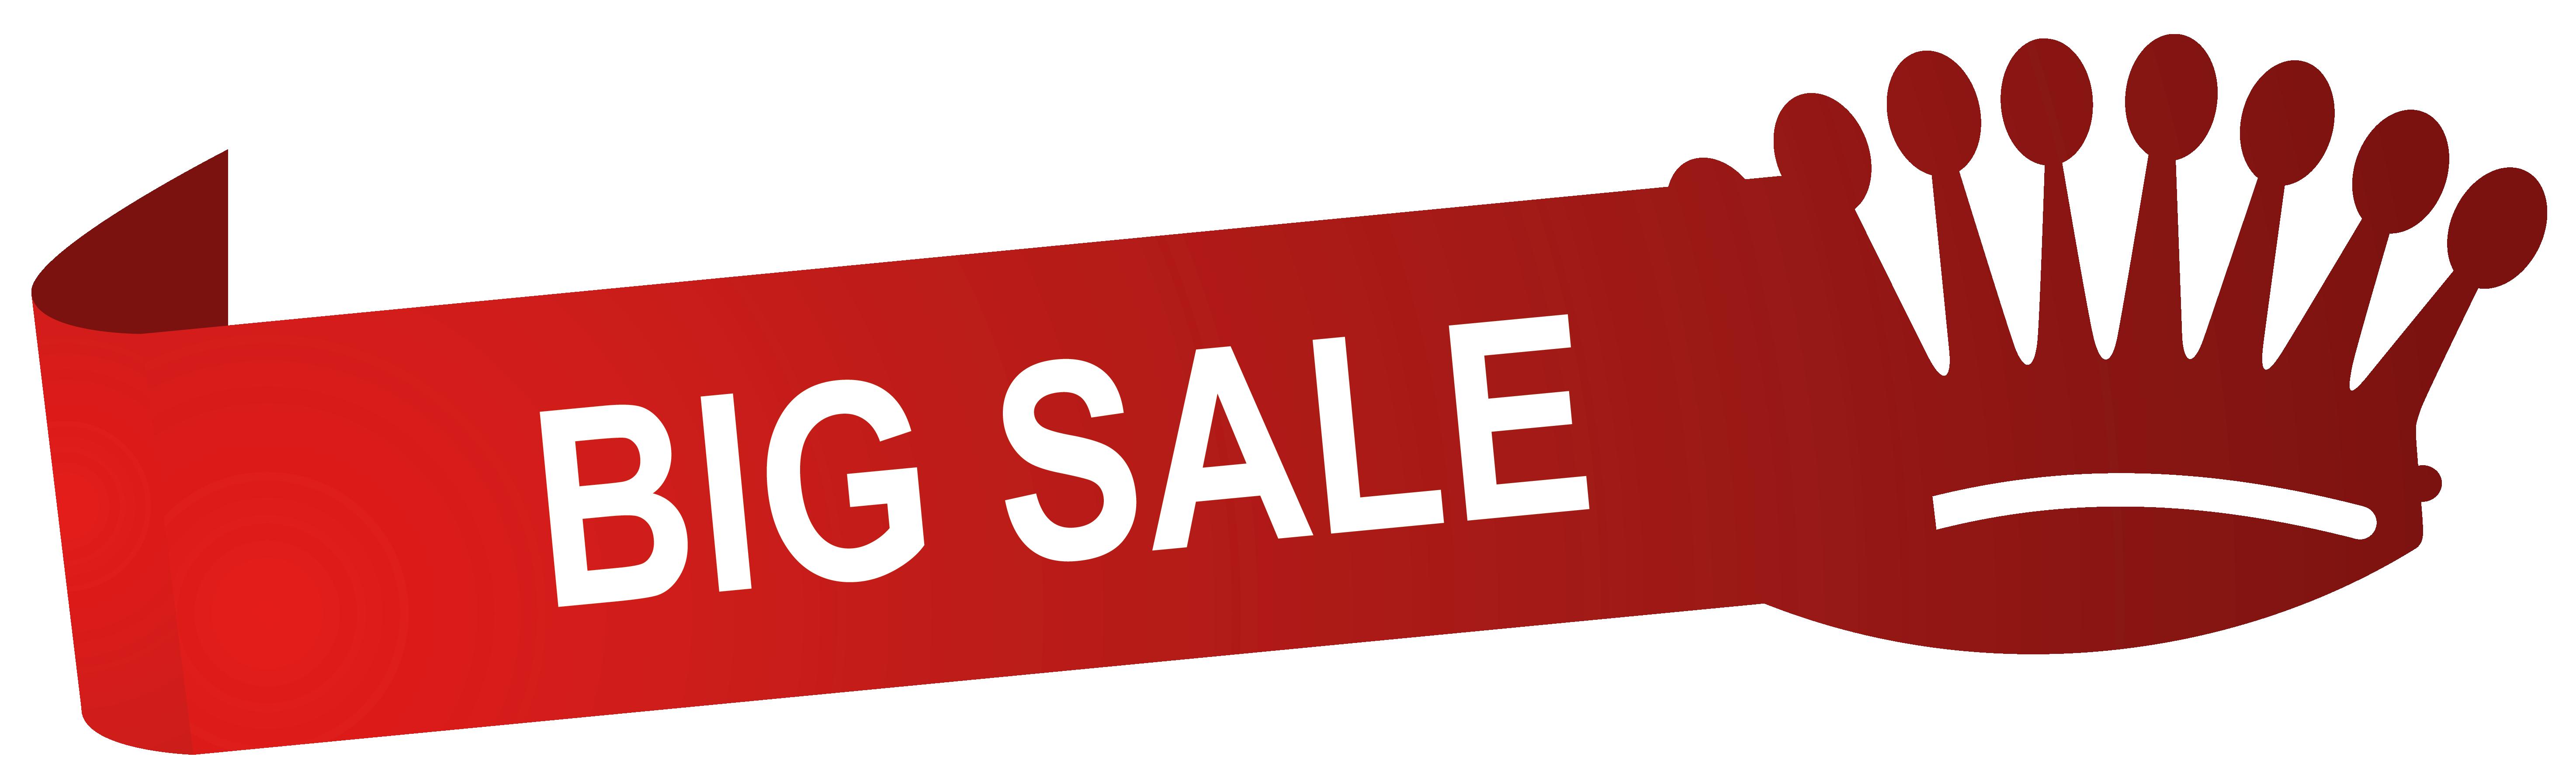 5895x1788 Big Sale Clip Art Free Cliparts